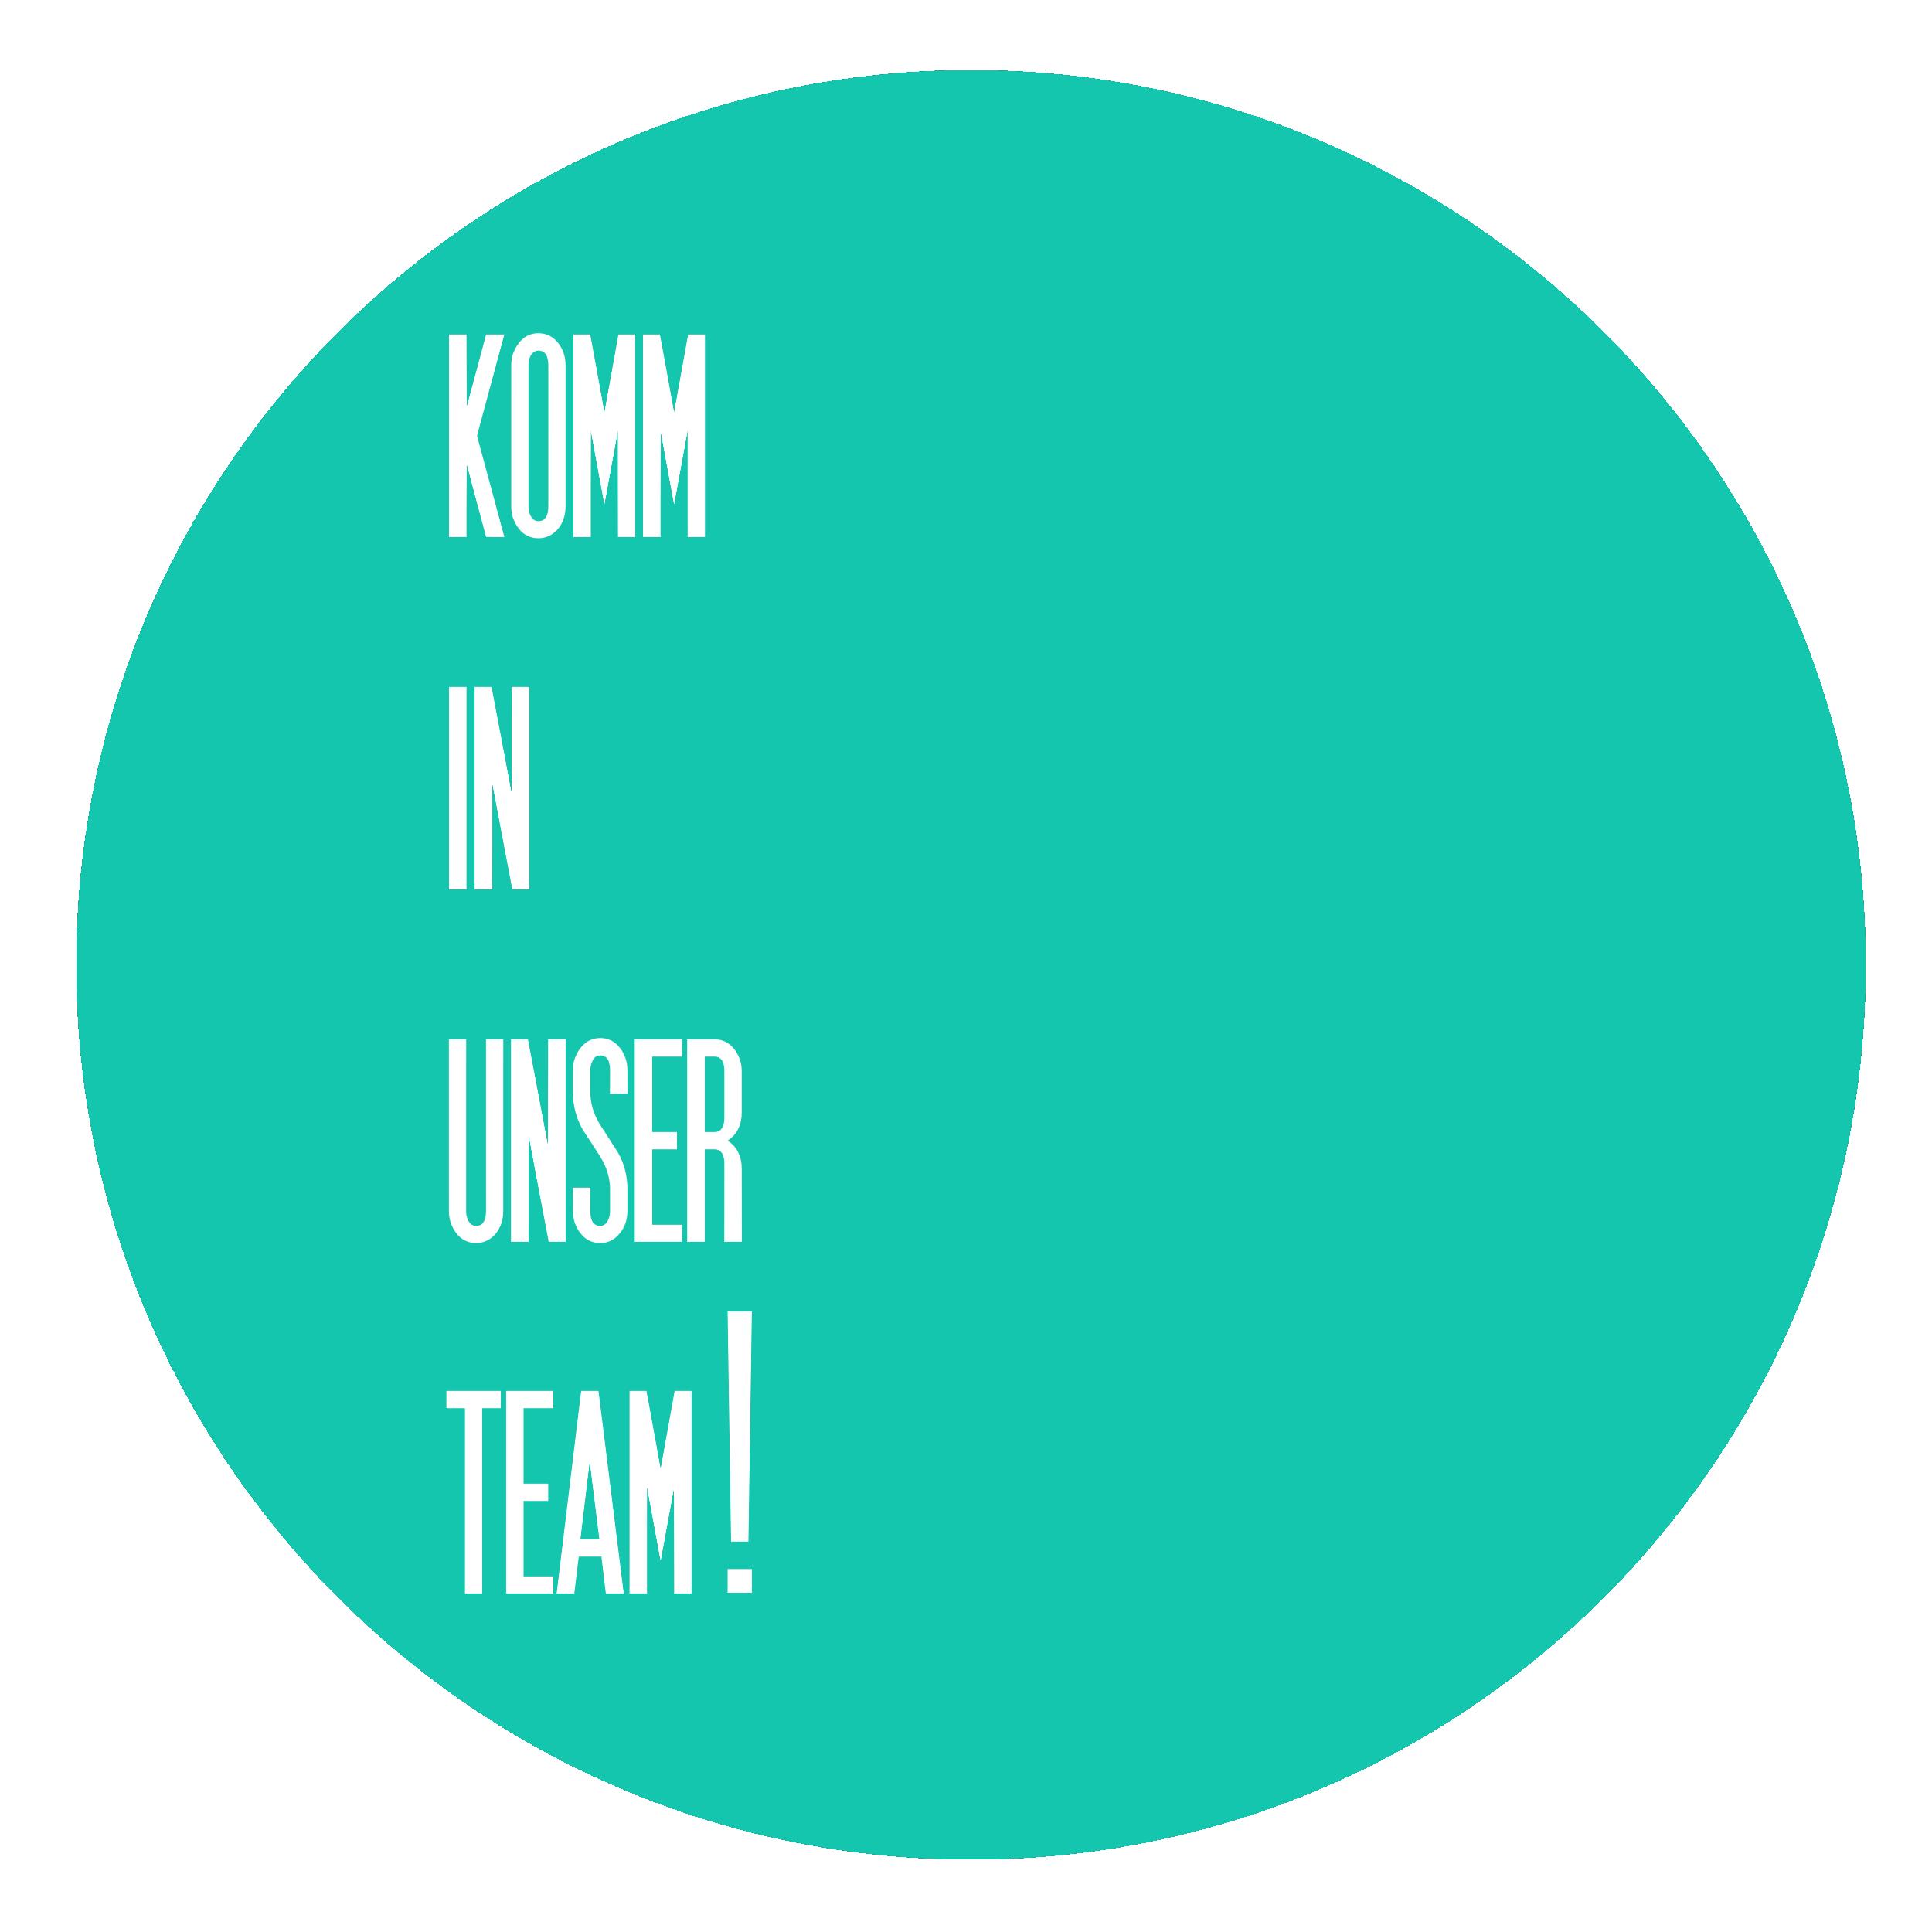 Komm in unser Team!